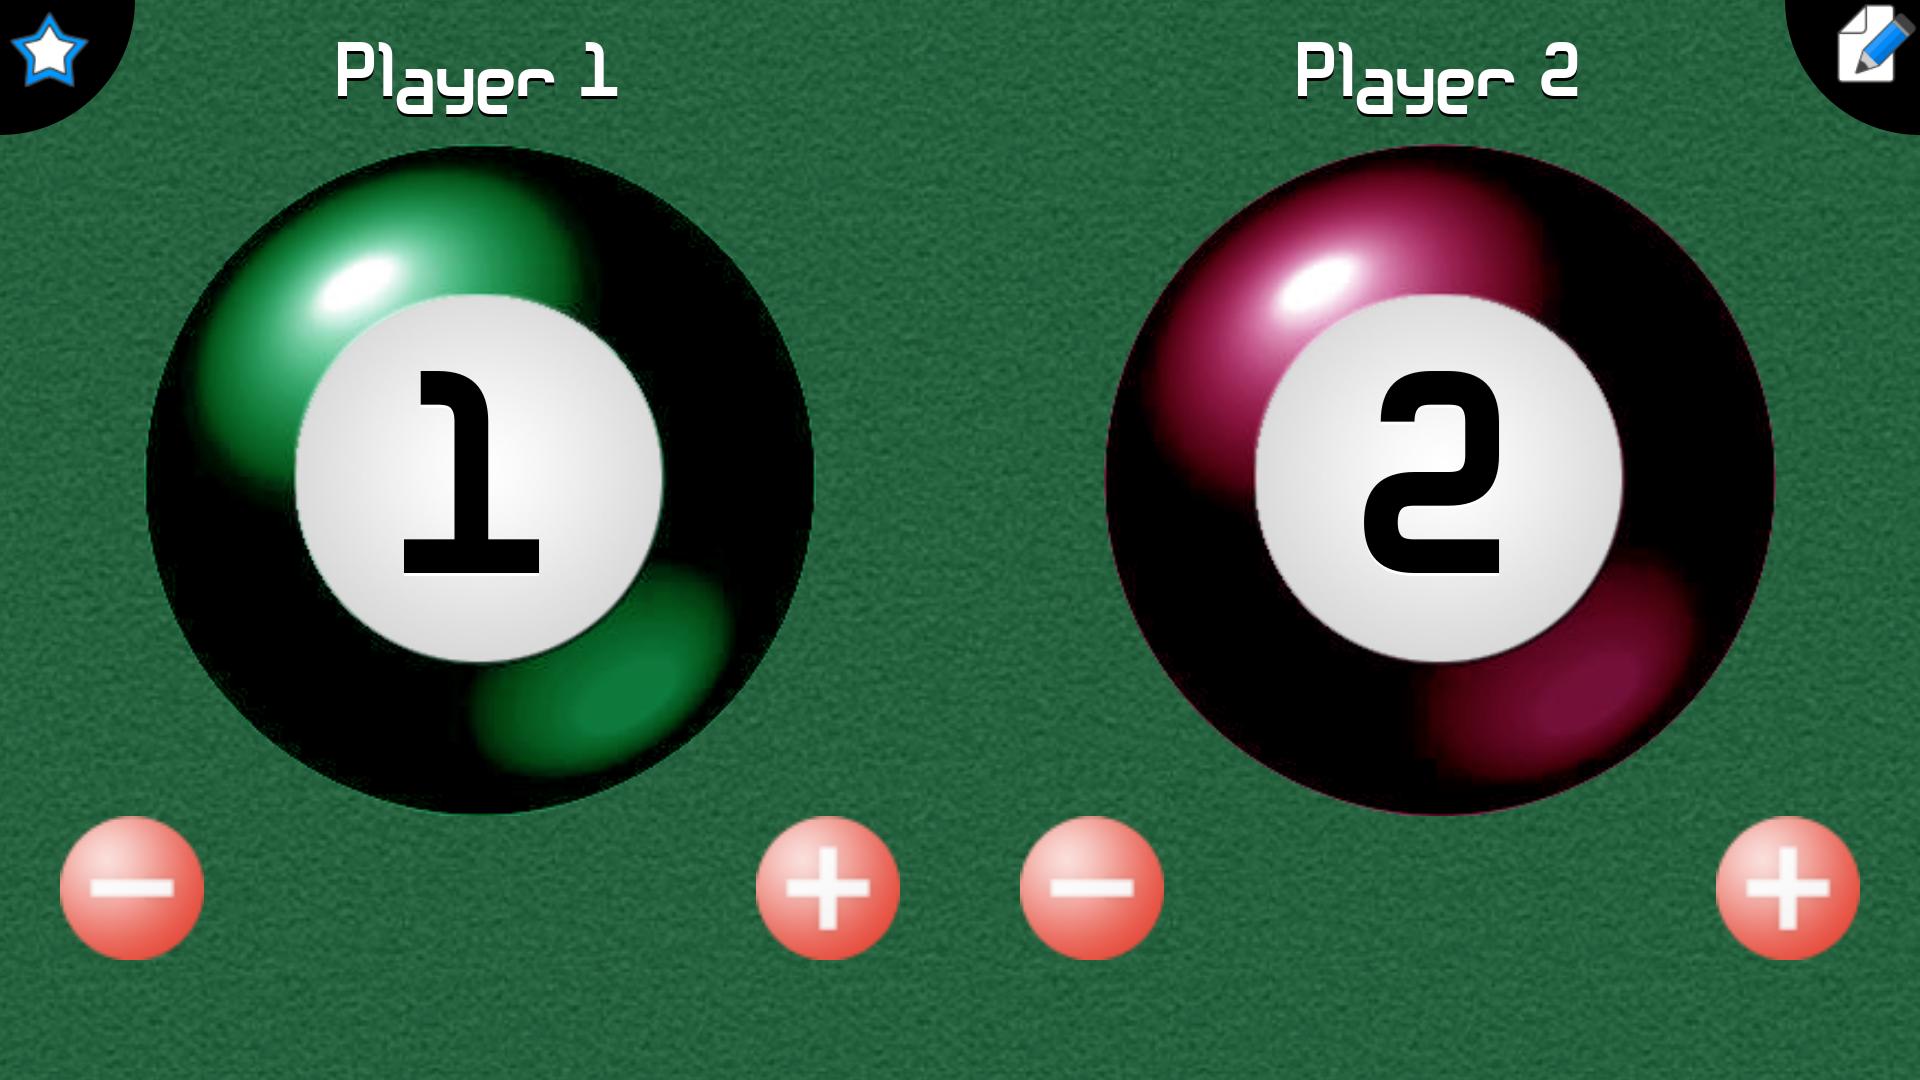 Billiards Score